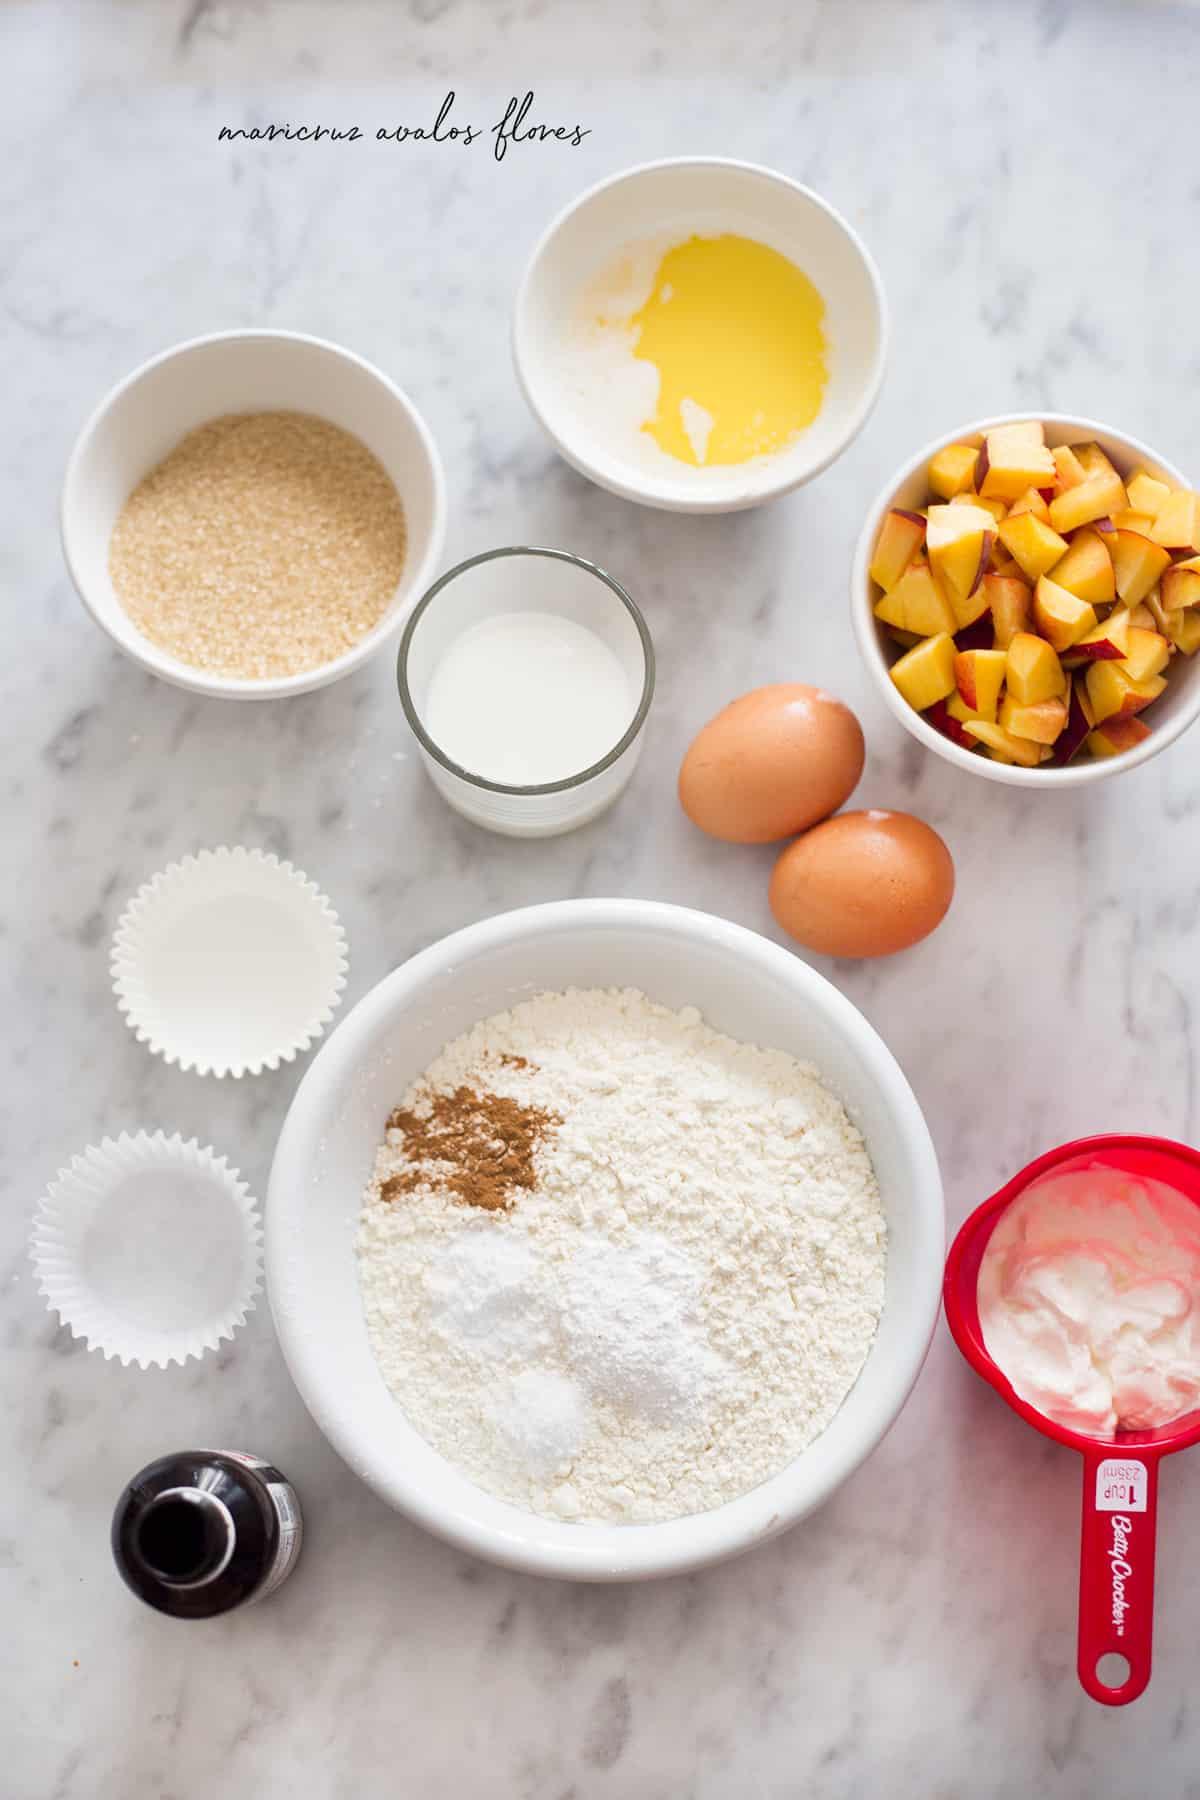 ingredientes para muffins de duraznos (mantequilla, azúcar, harina, fruta, huevos, vainilla).